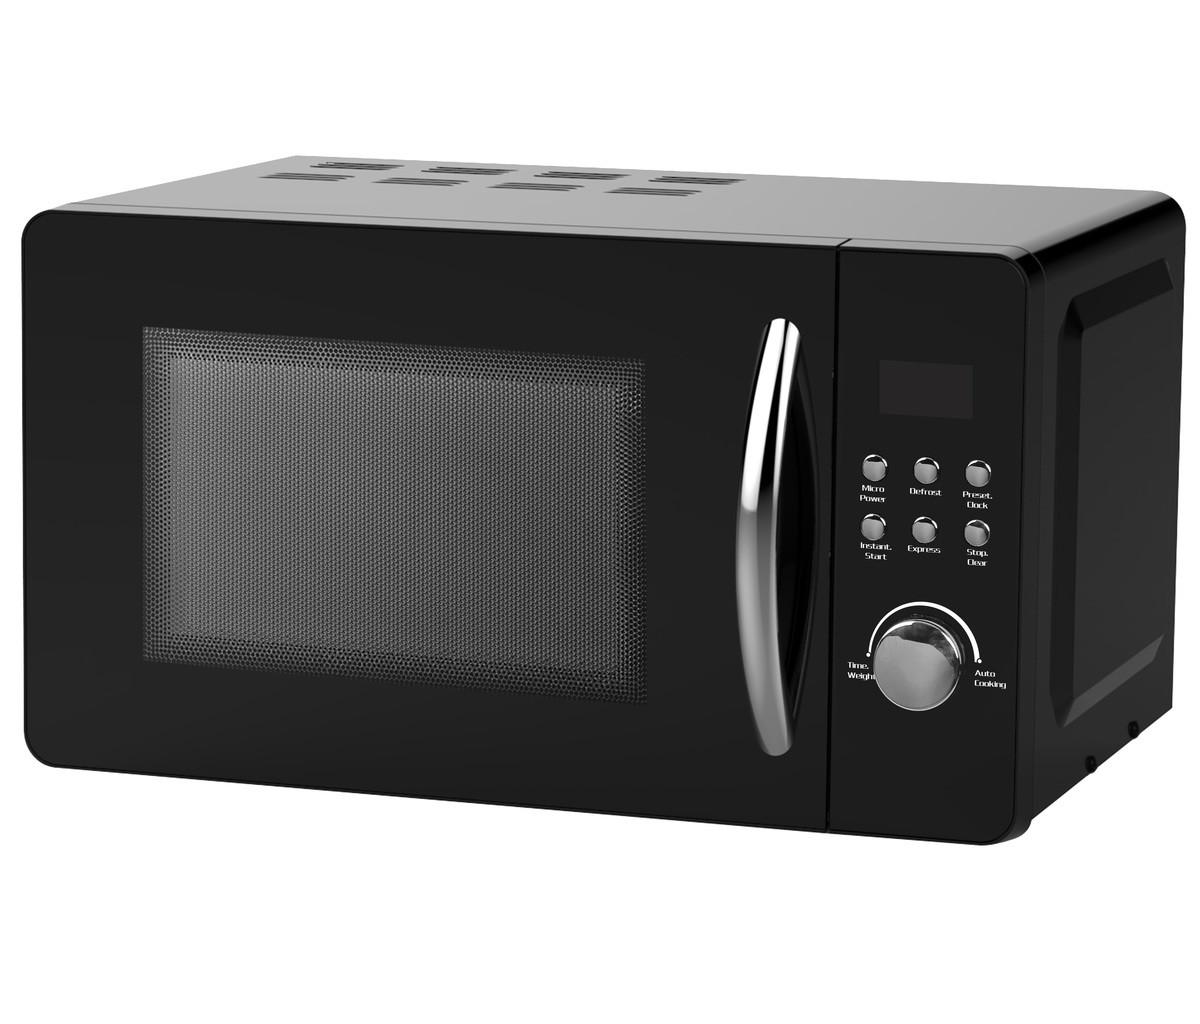 Микроволновая печь Grunhelm 20UX71-L мощностью 800 Вт